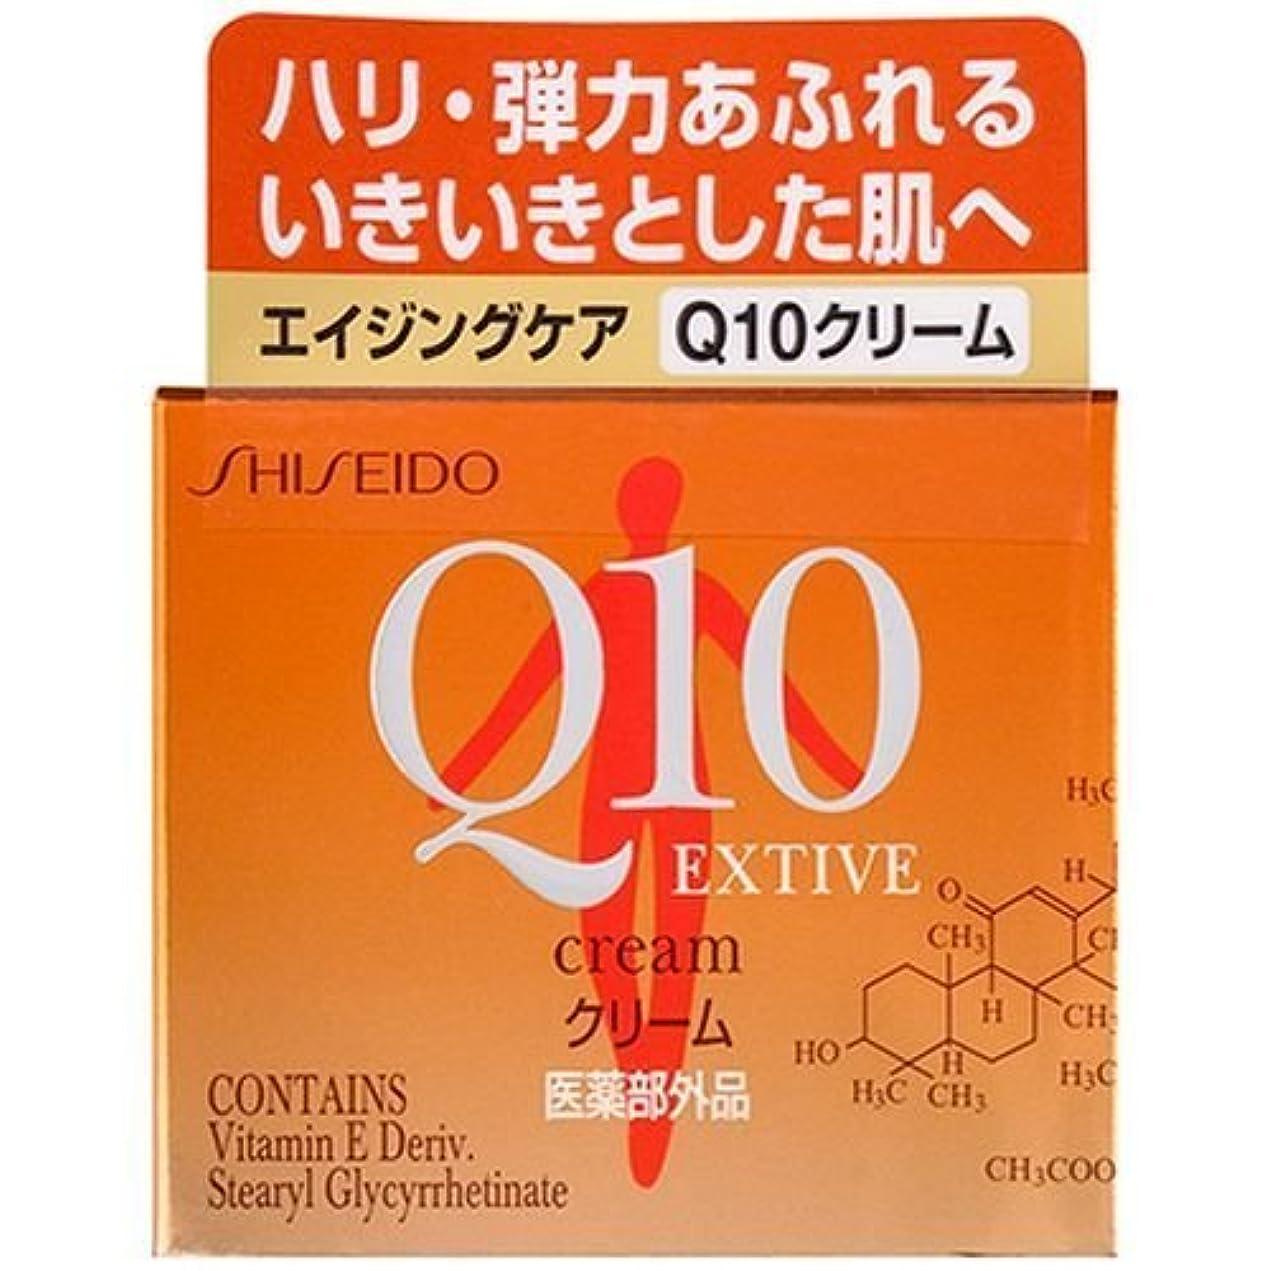 花輪シーフード熟練した資生堂 Q10 クリーム 30g (エクティブクリーム)